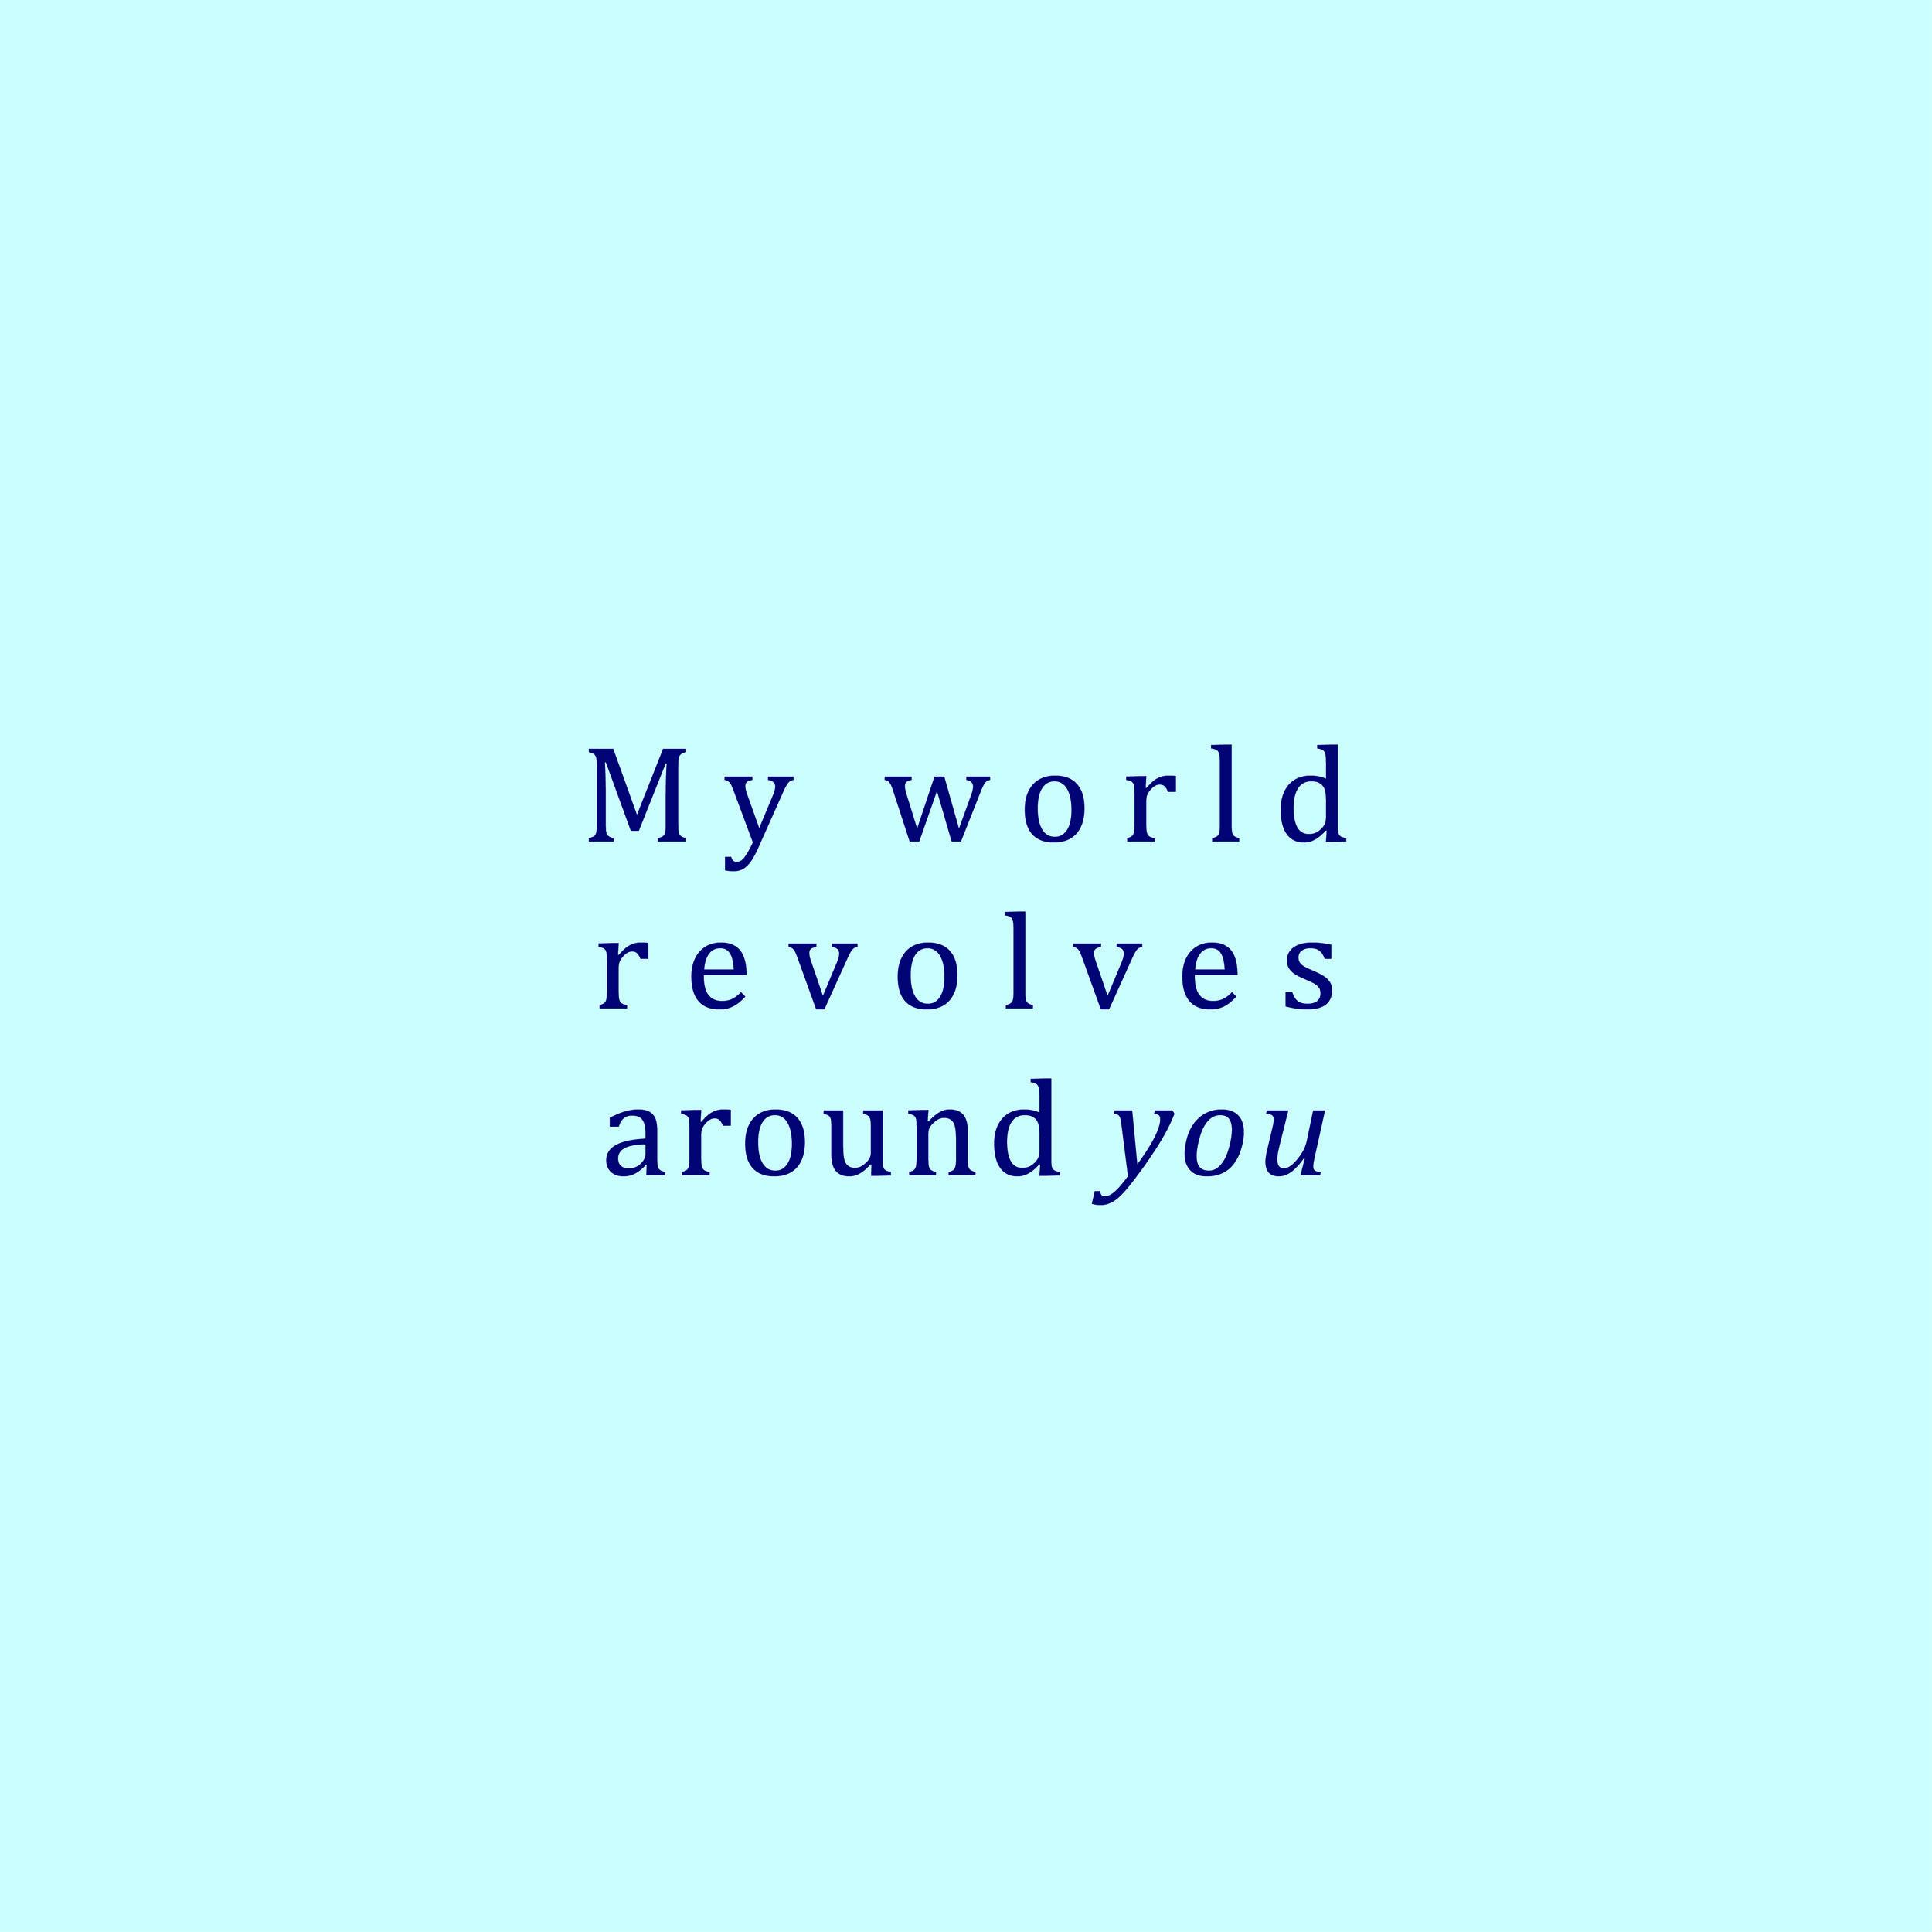 My World Revolves Around You